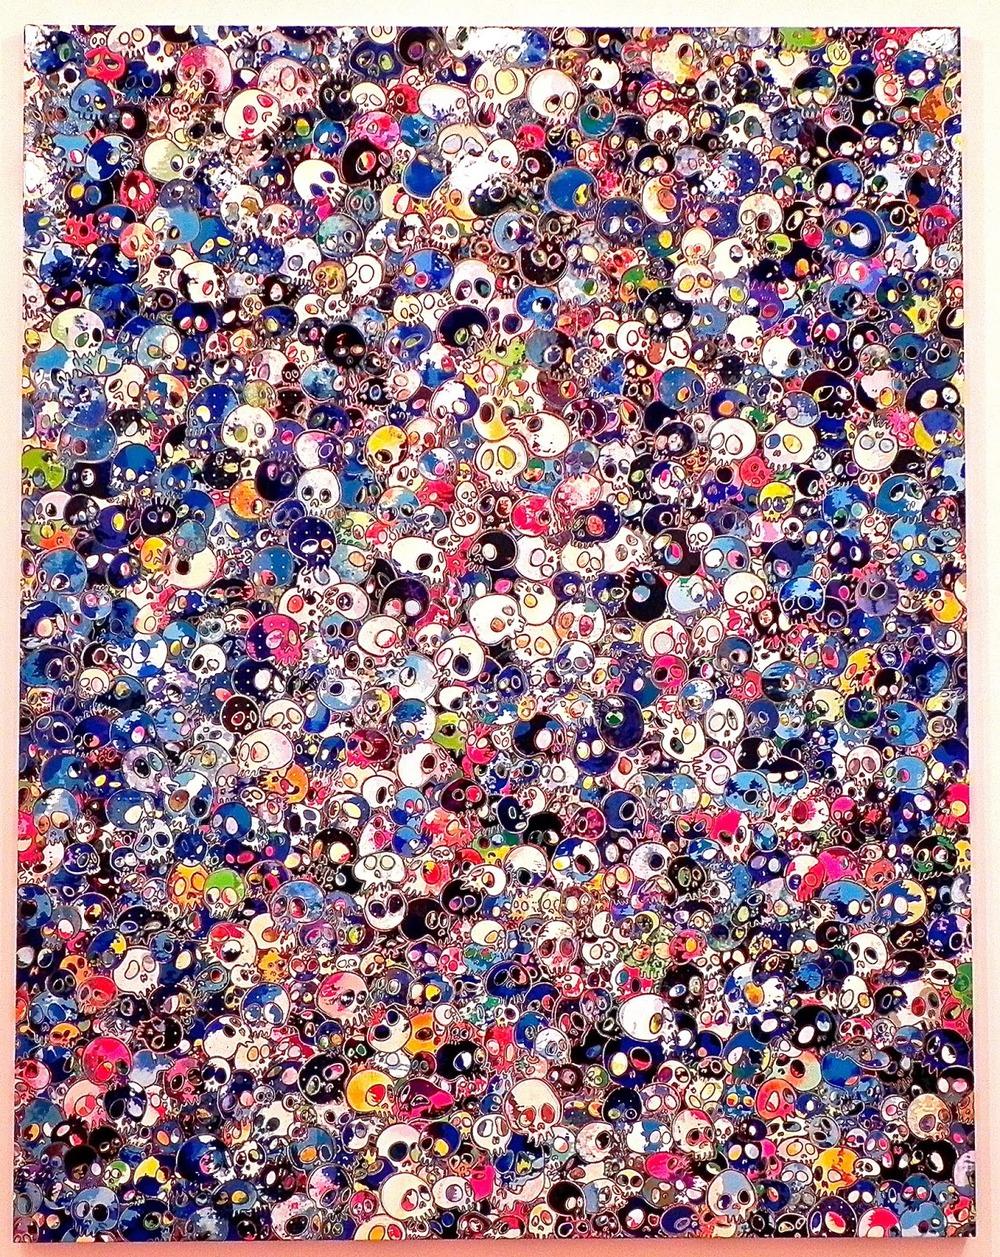 村上隆(Takashi Murakami)-www.kaifineart.com-1-1.jpg